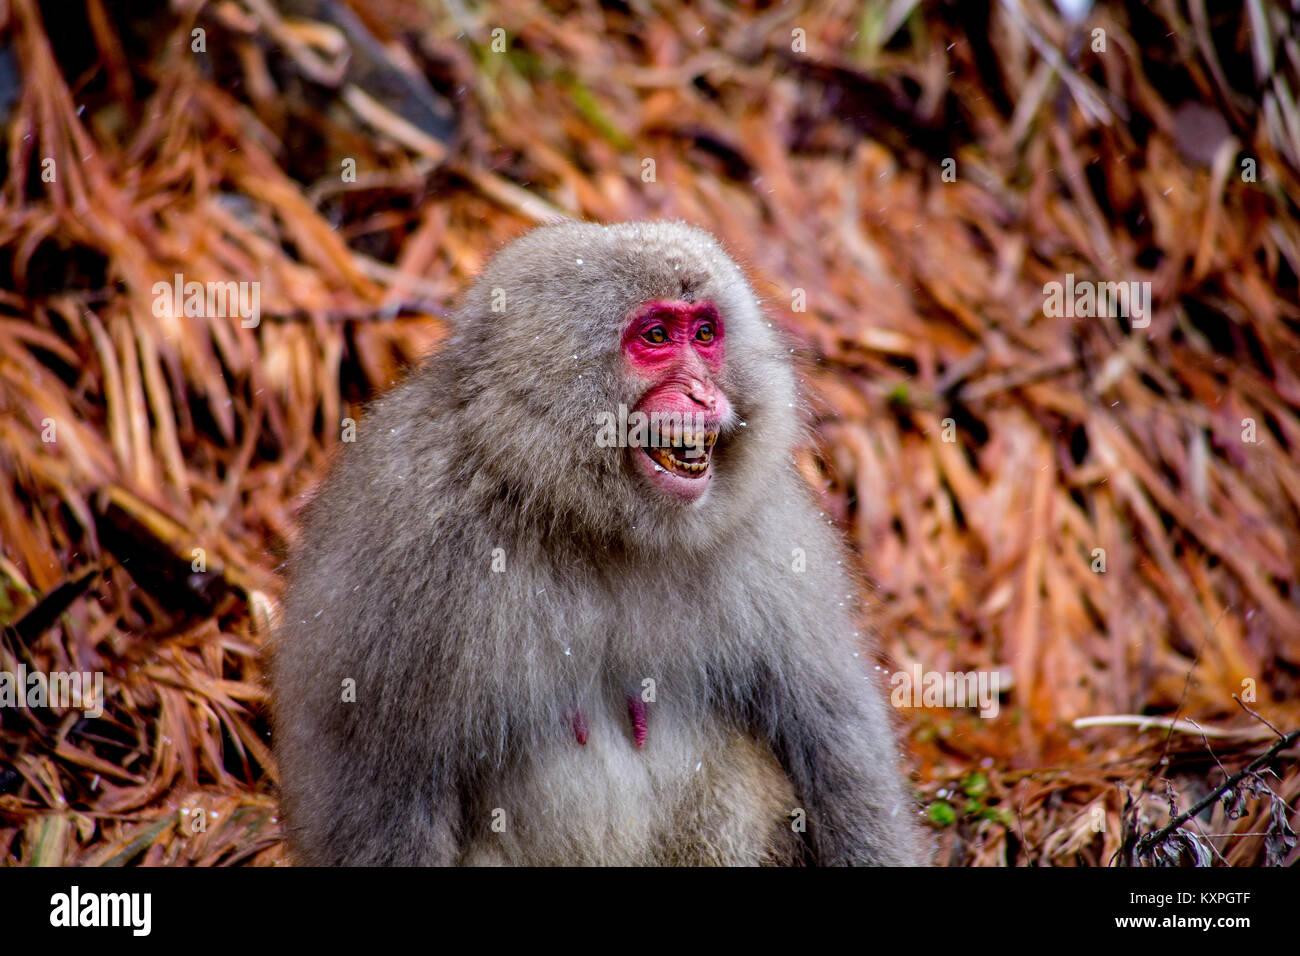 Eine japanische Makaken, oder snow Monkey, schreit ein Mann, der versuchte, ein bisschen verspielt, die sie eindeutig Stockbild